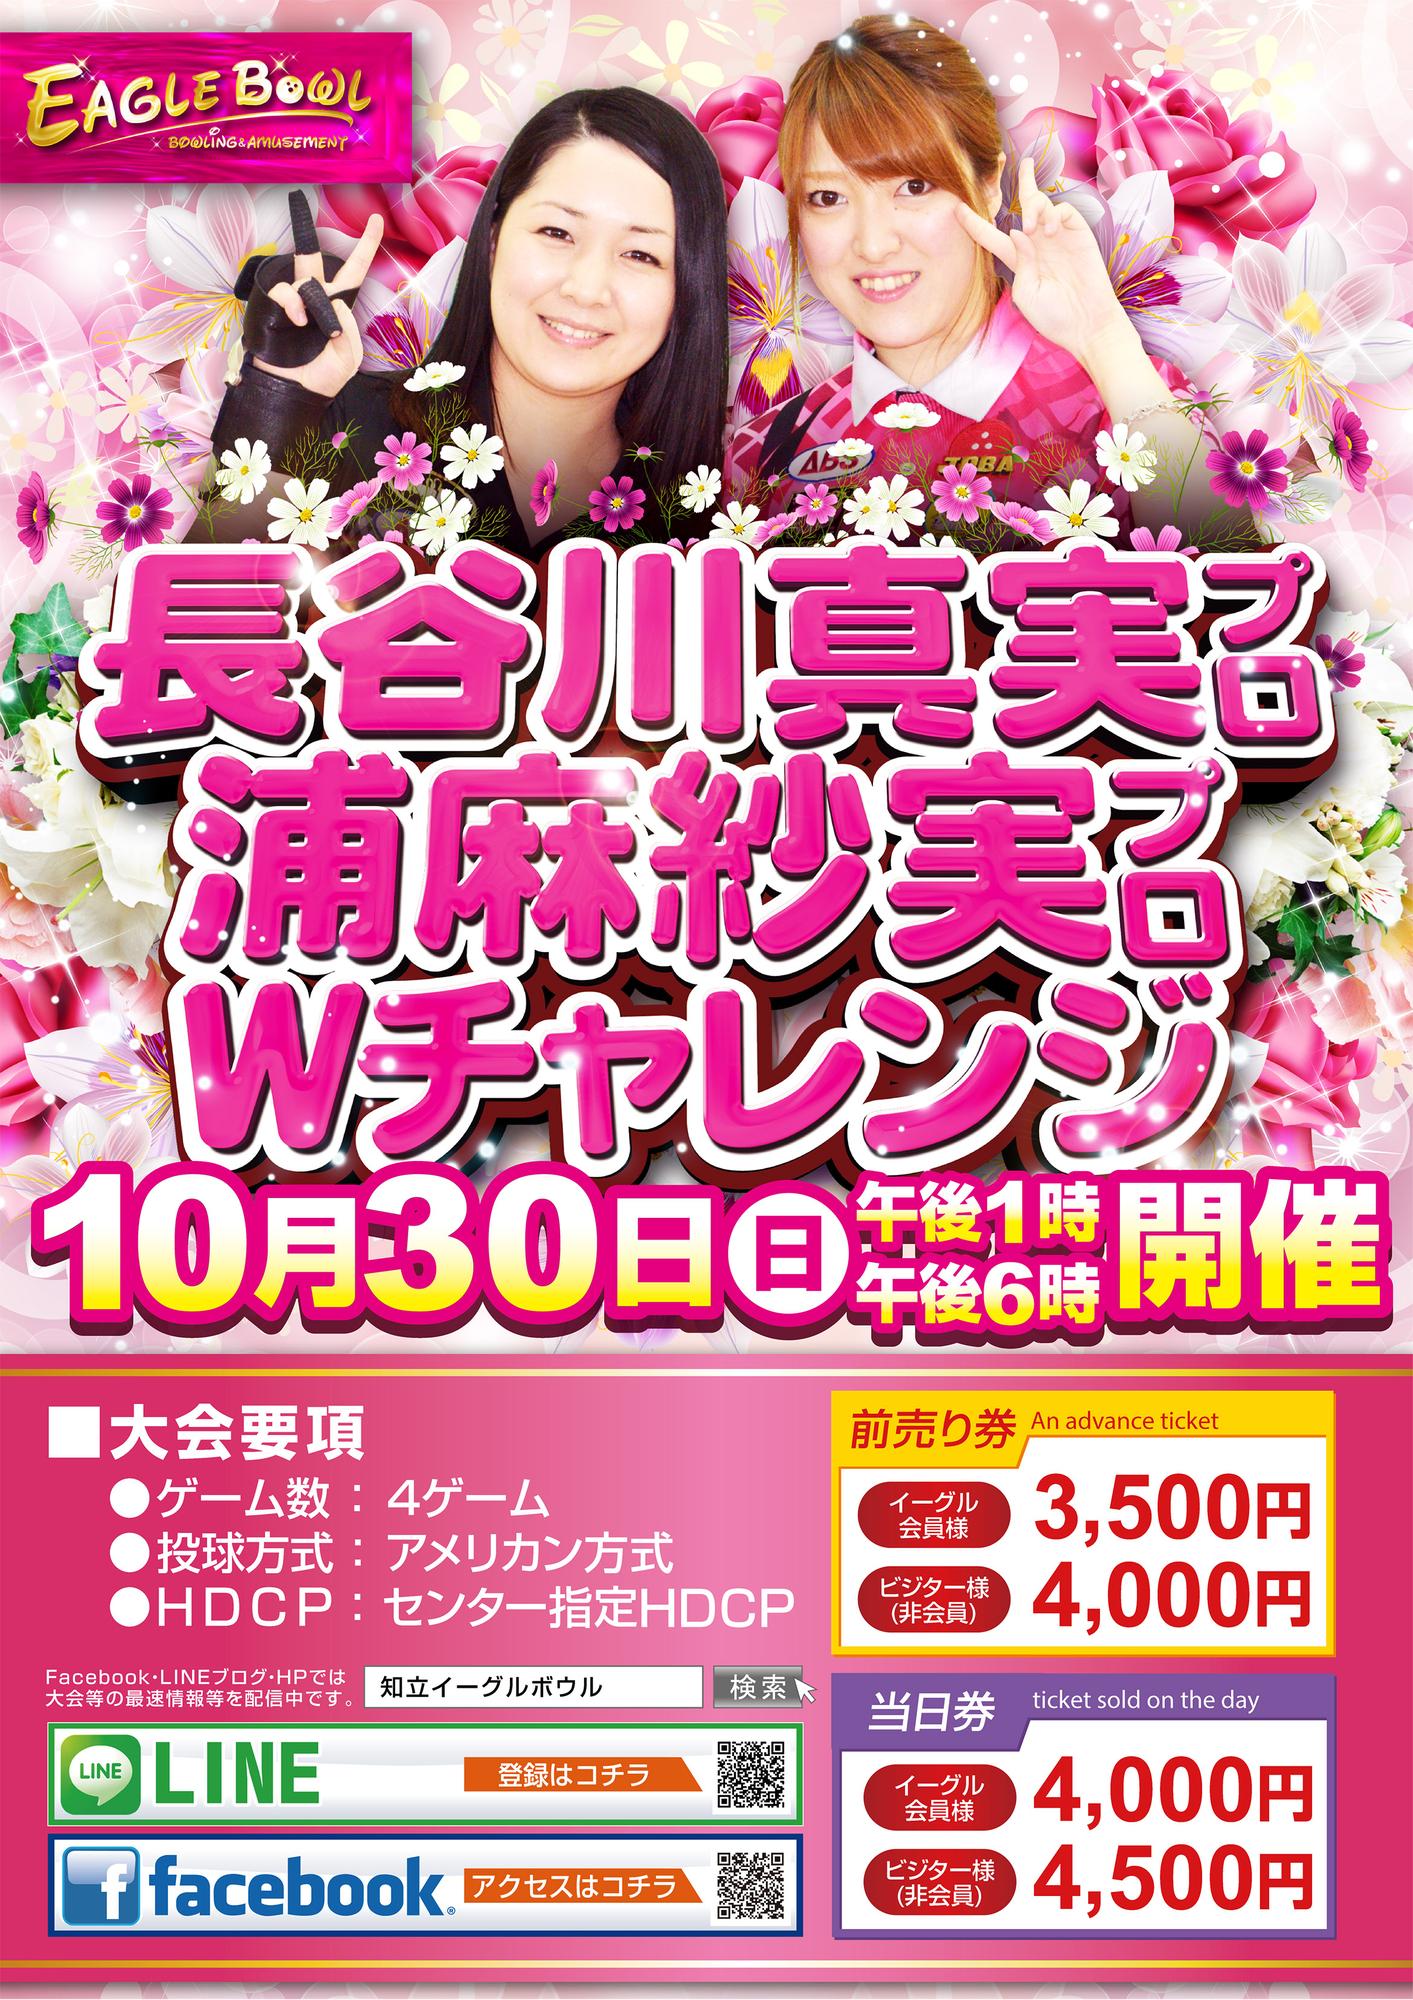 10/30 長谷川真実プロ&浦麻紗実プロチャレンジ